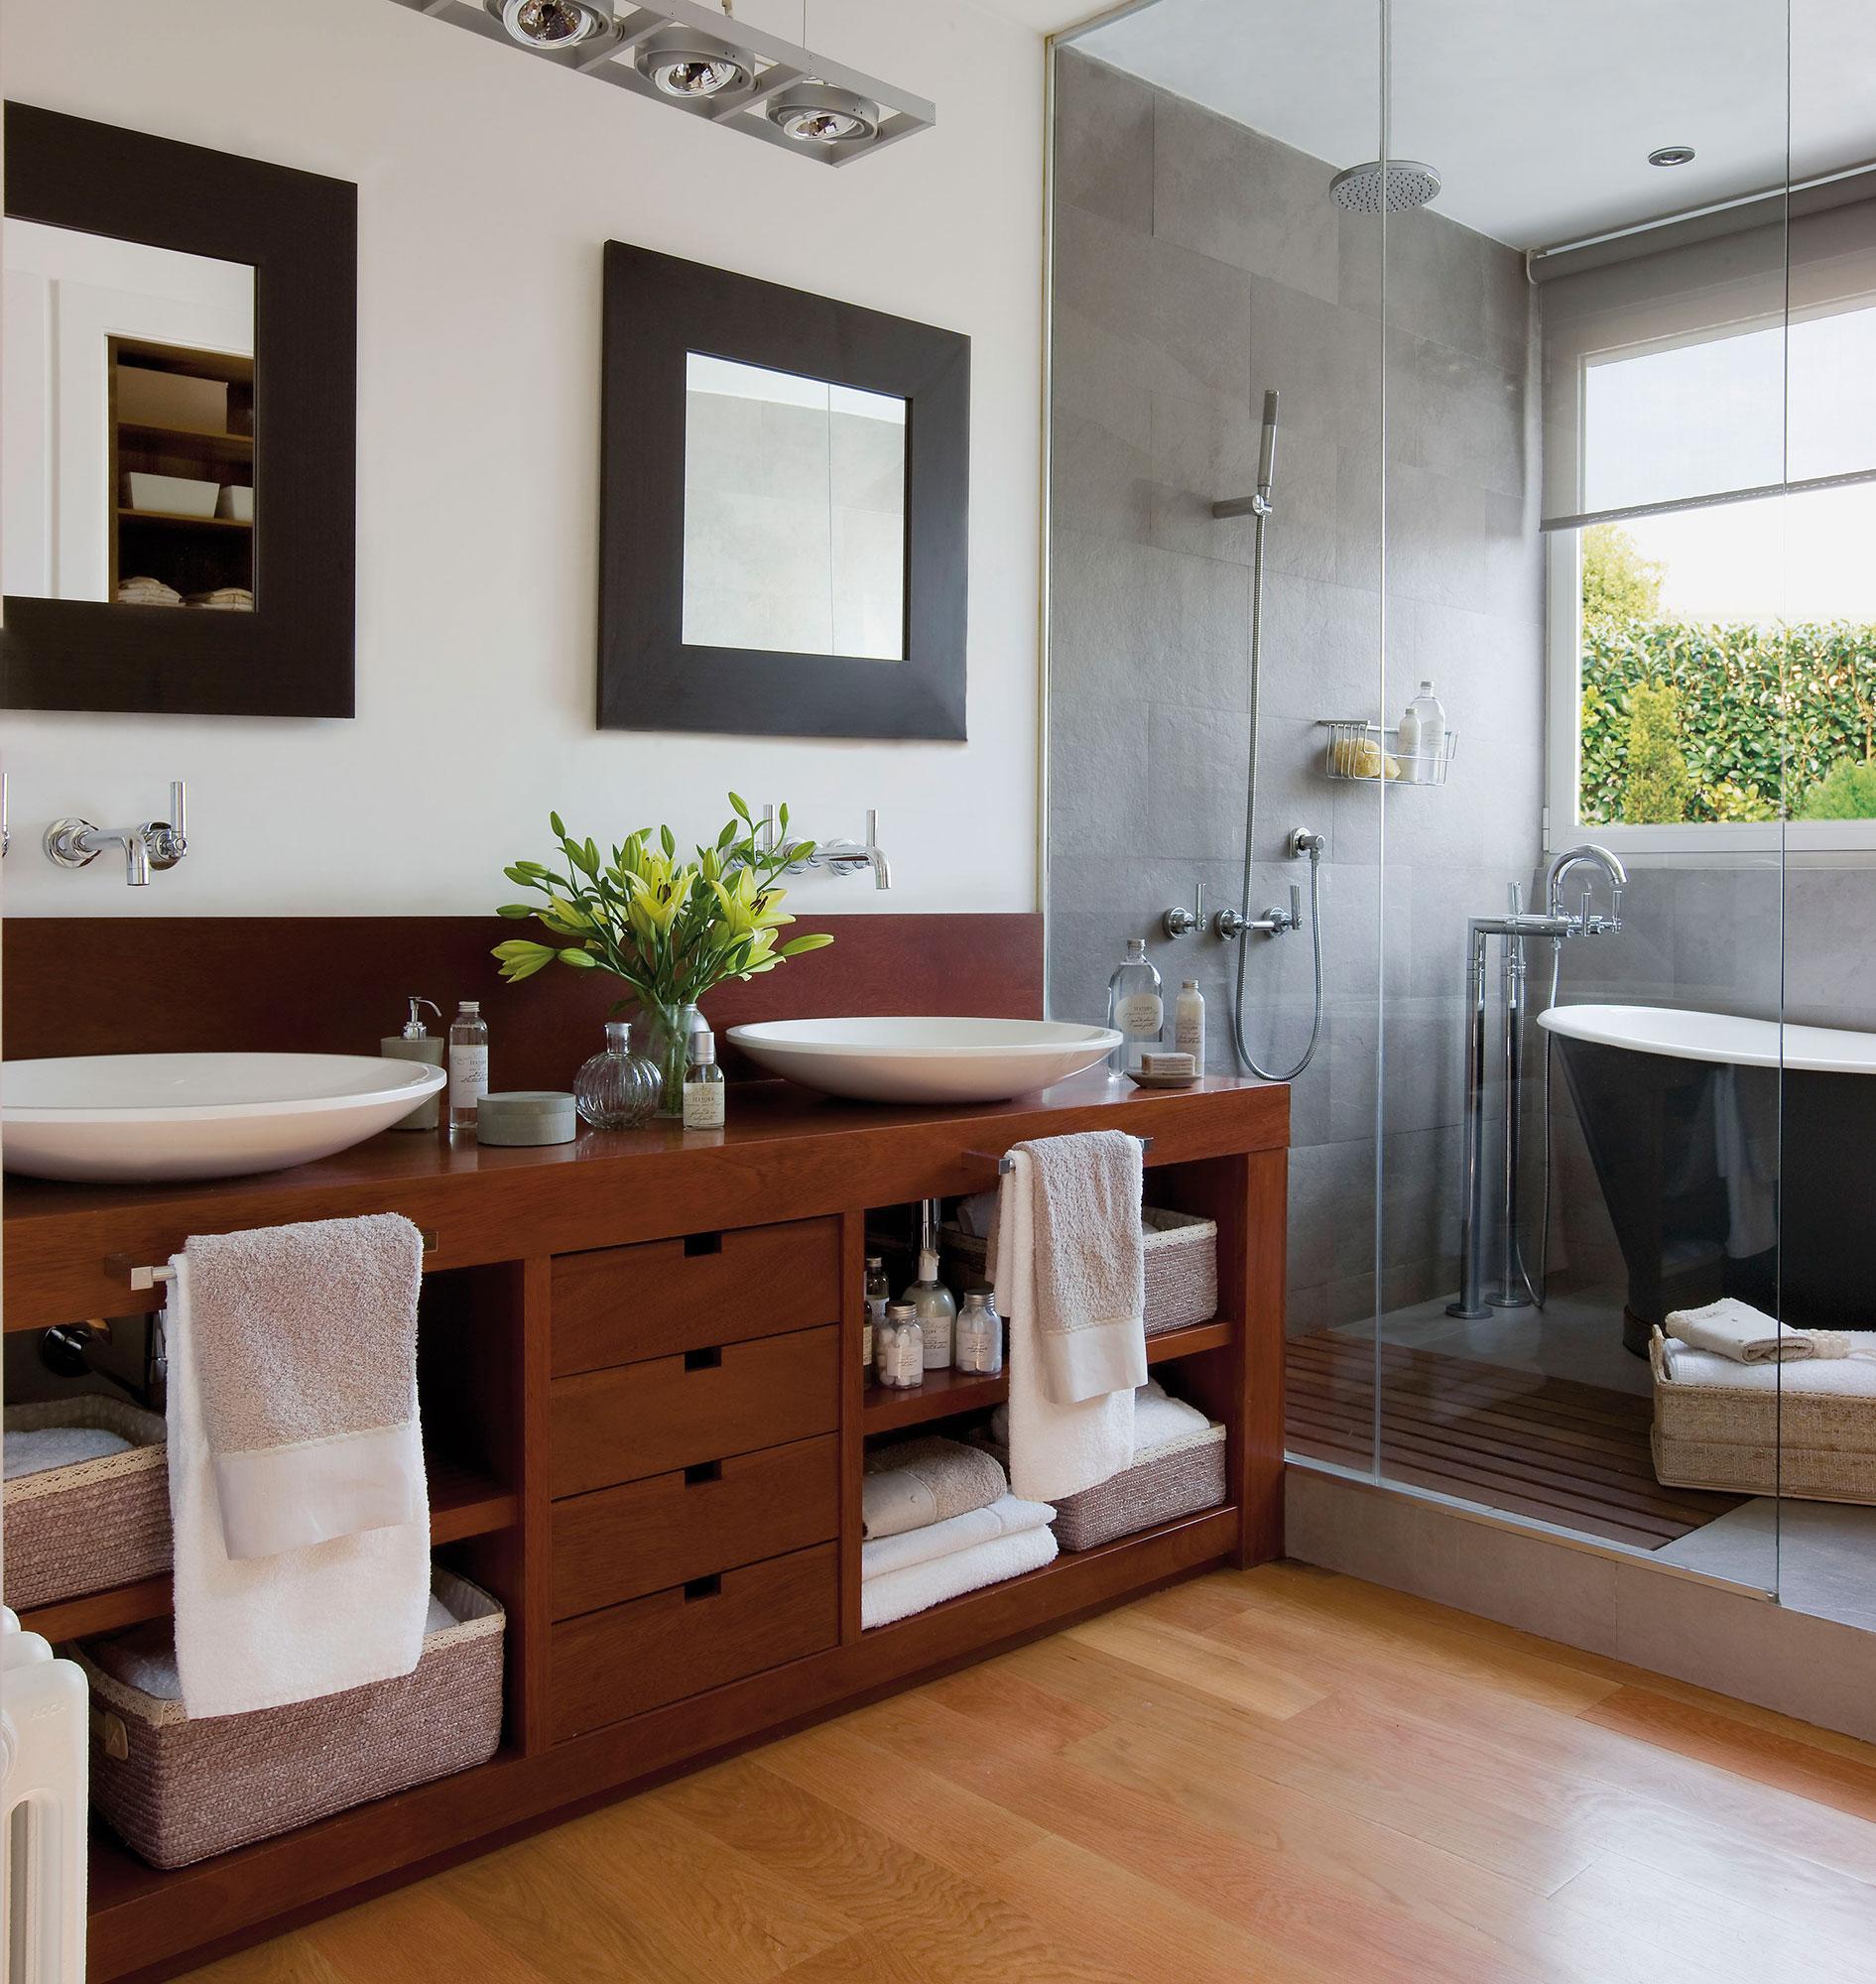 Ba os con ducha pr cticos y ecol gicos - La factoria del mueble ...